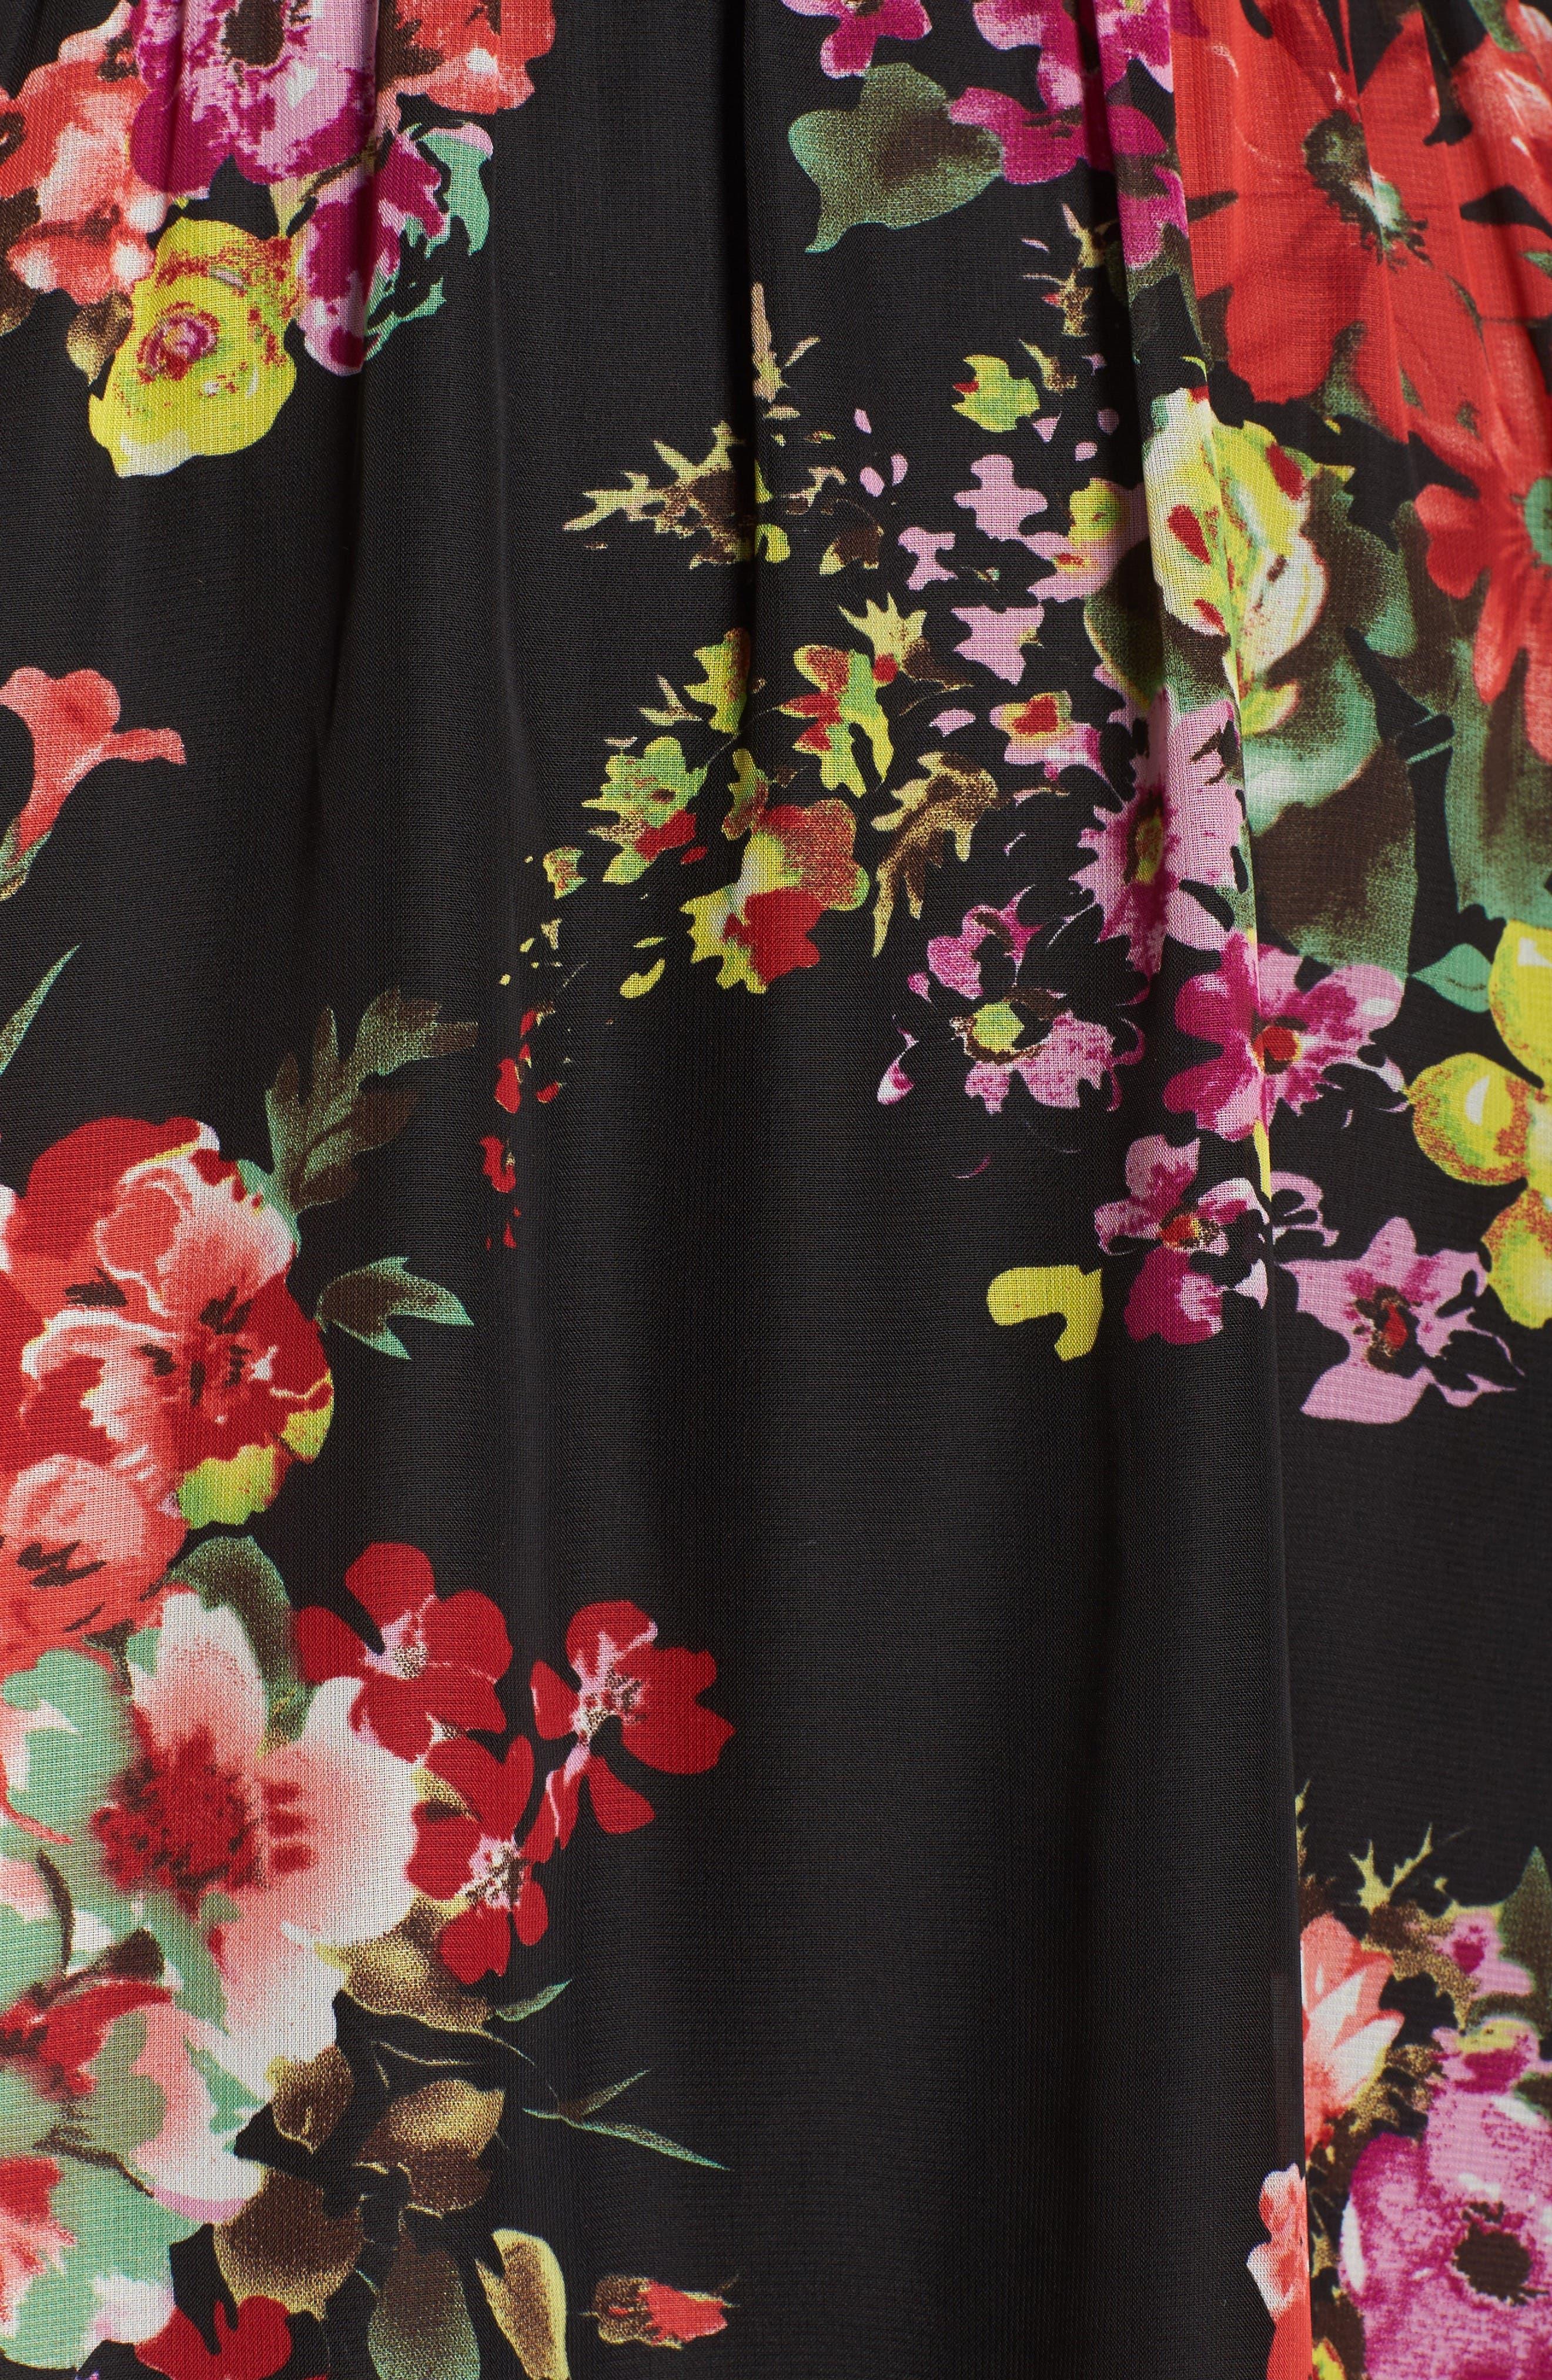 Floral Chiffon A-Line Dress,                             Alternate thumbnail 6, color,                             001